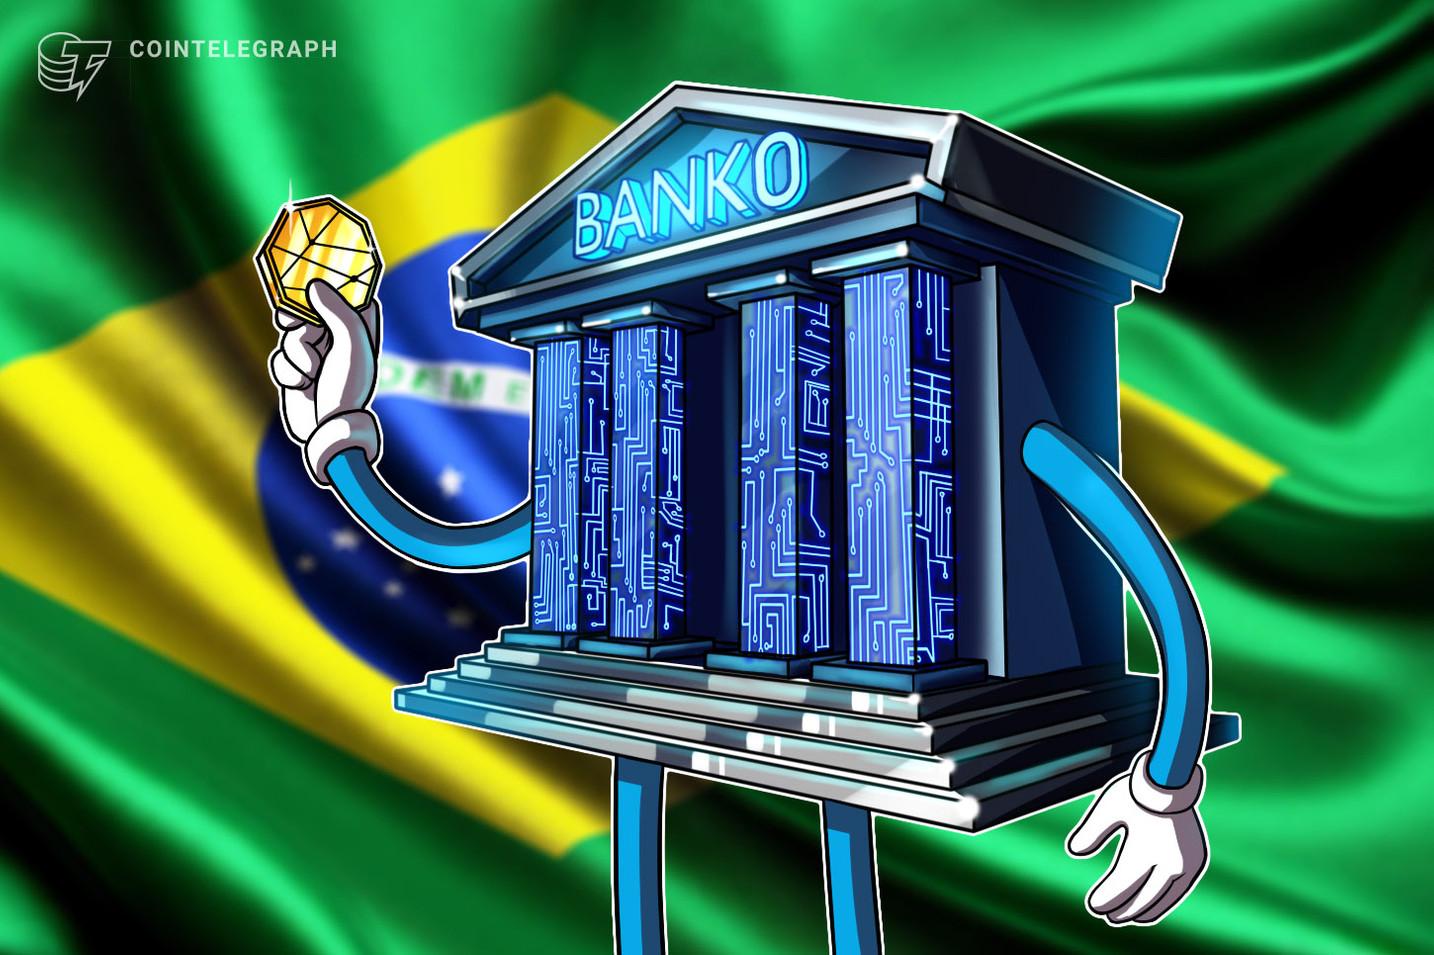 Exclusivo: Febraban não quer que exchanges de Bitcoin e nem Bigtechs façam parte do Open Banking